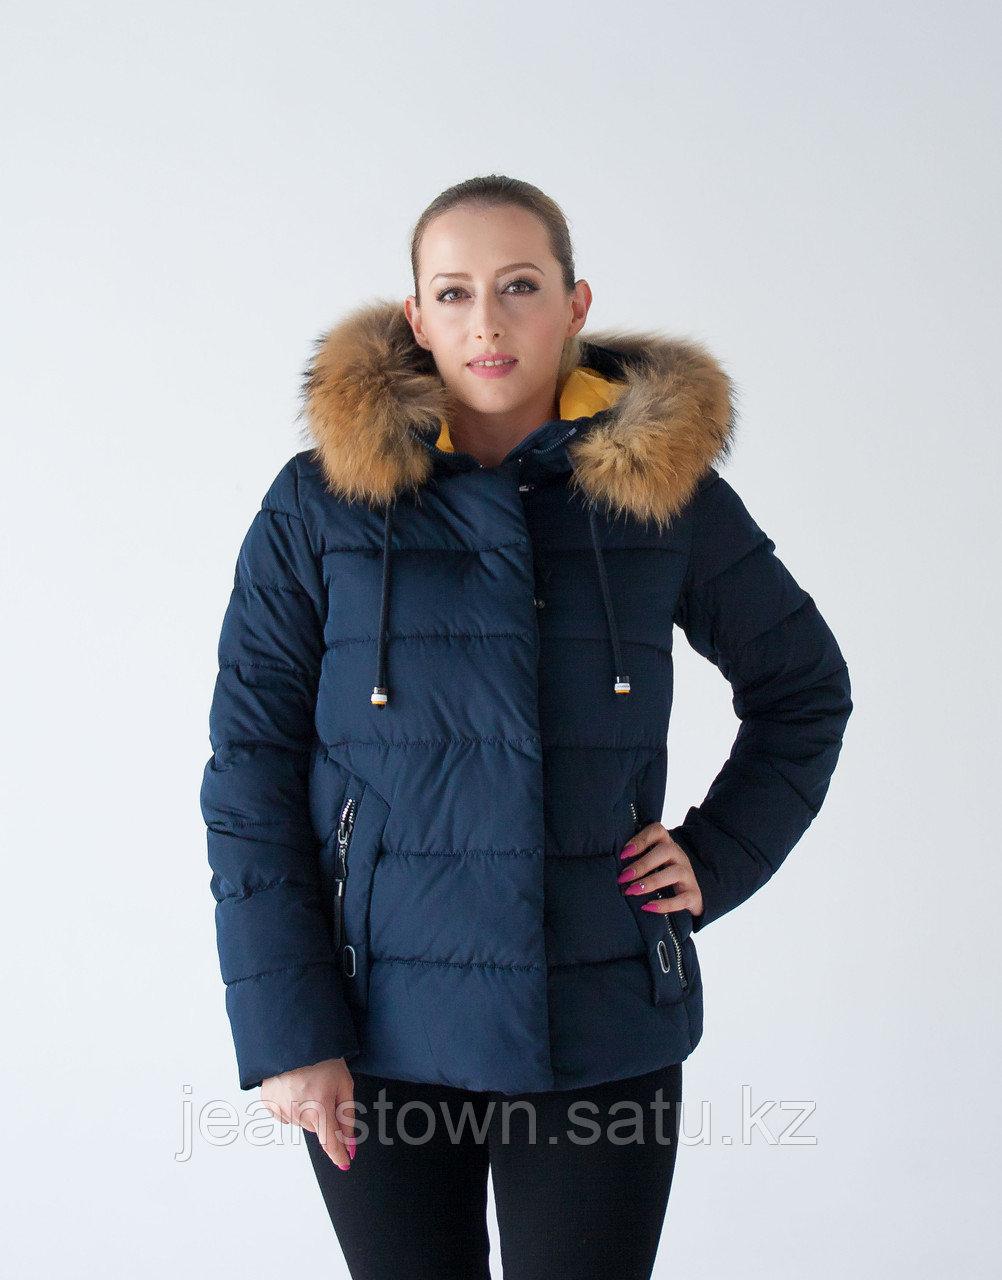 Куртка женская зимняя Tarore натуральный мех енота на капюшоне, синяя